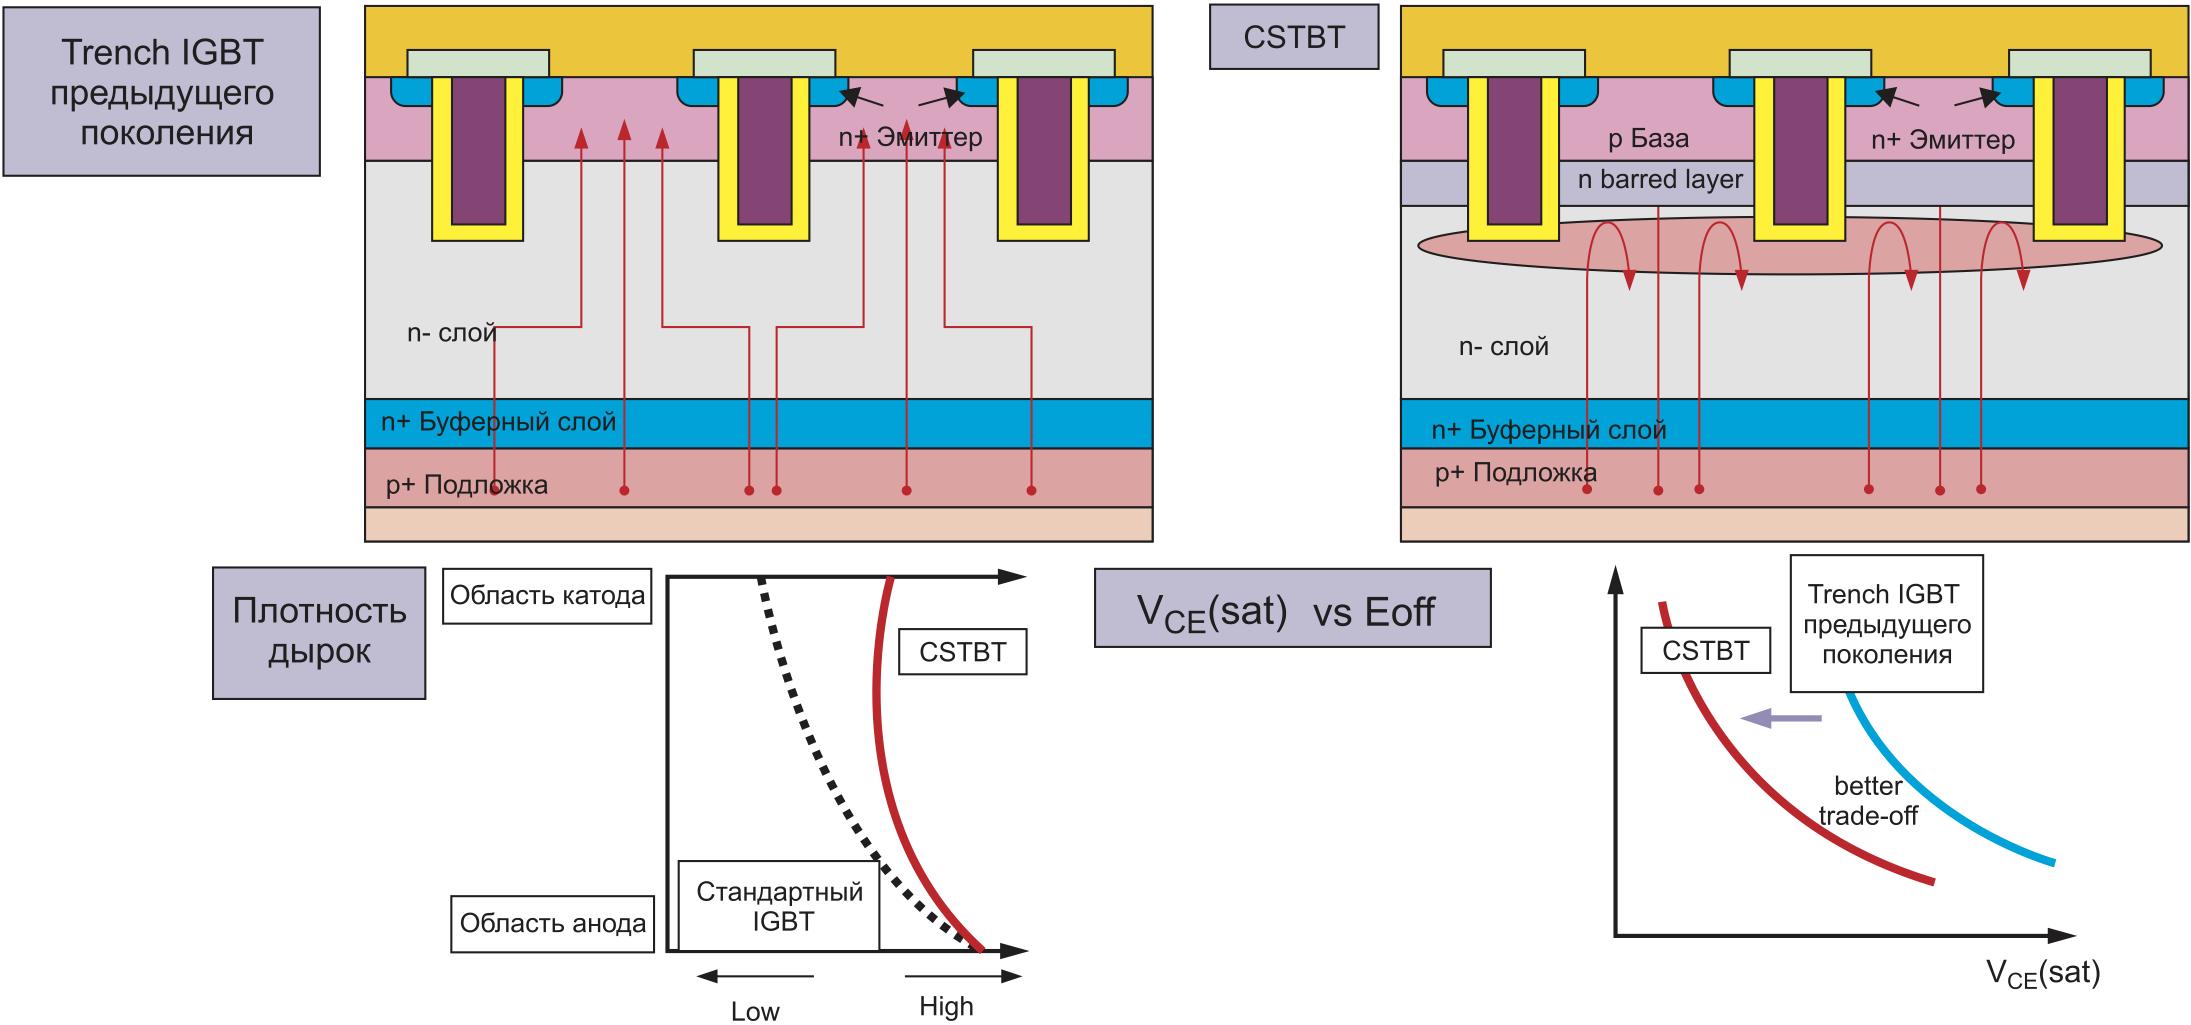 Базовая структура, распределение носителей заряда во включенном состоянии и соотношение между напряжением насыщения VCE(sat) и потерями выключения Eoff для Trench IGBT и CSTBT